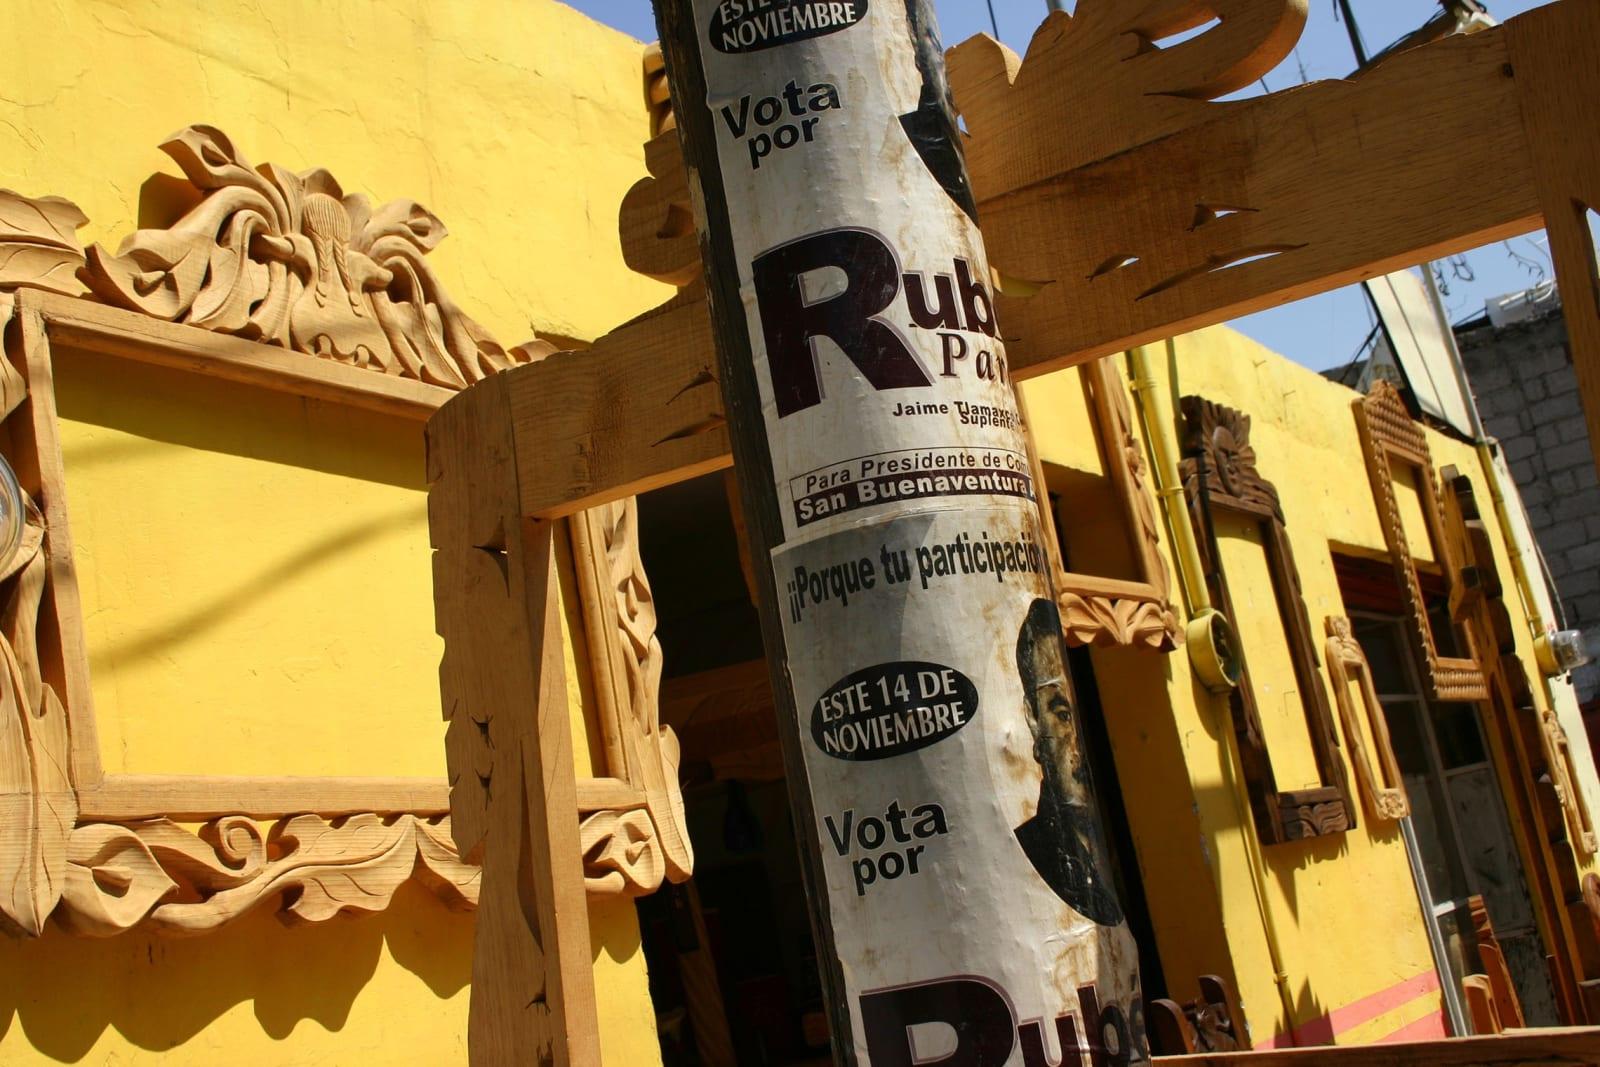 Yolanda Andrade Marcos para pinturas, Ciudad de Mexico (Tlaxcala), 2004